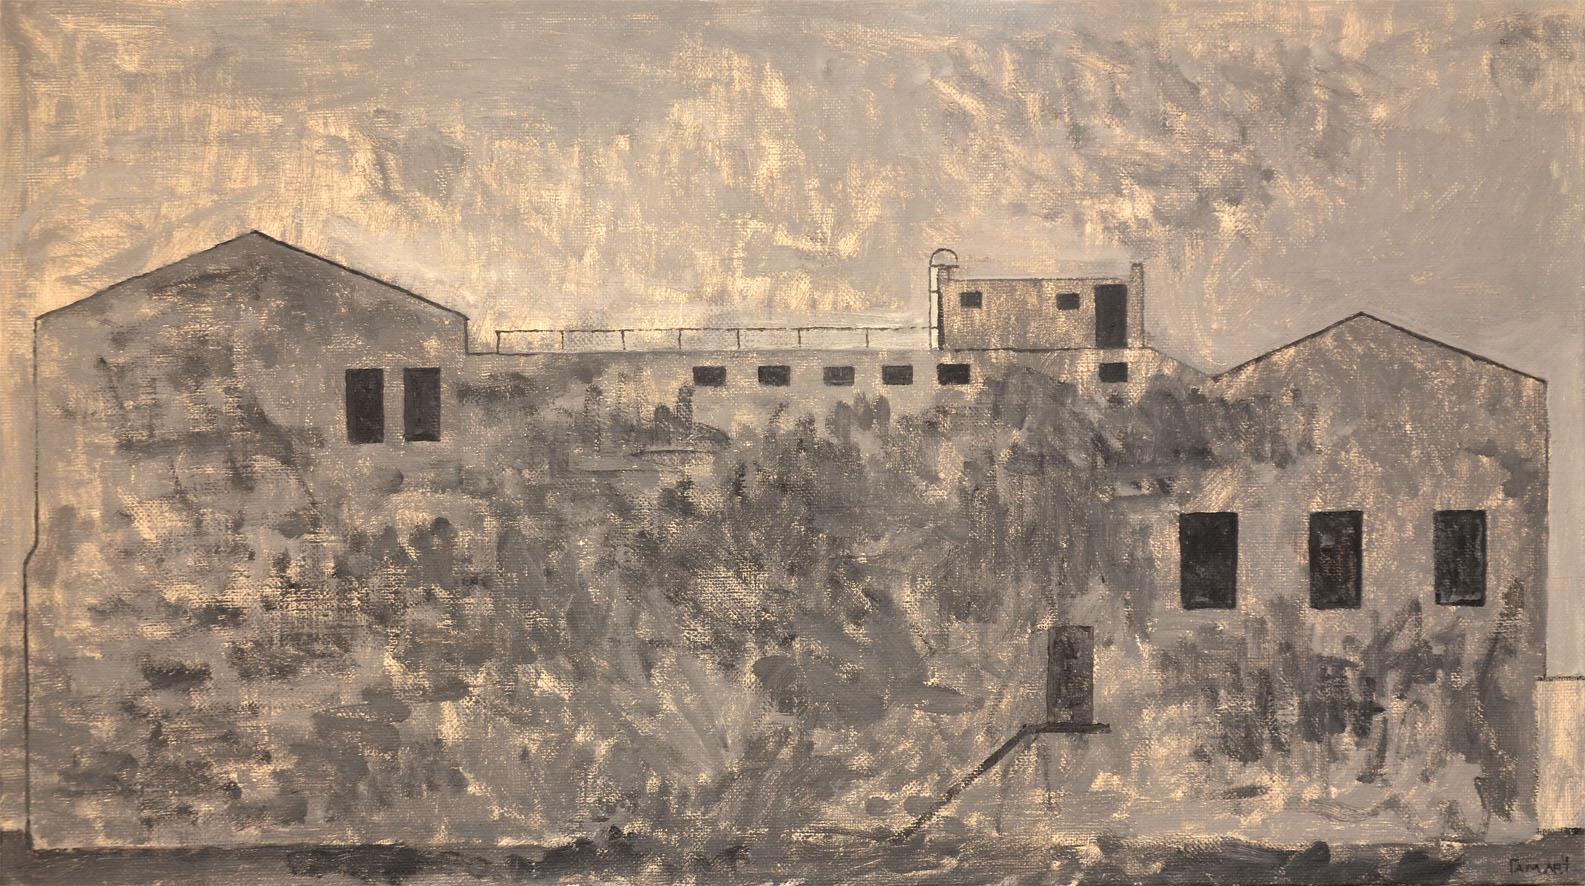 Гамлет Зиньковский, из серии «Архитектура»